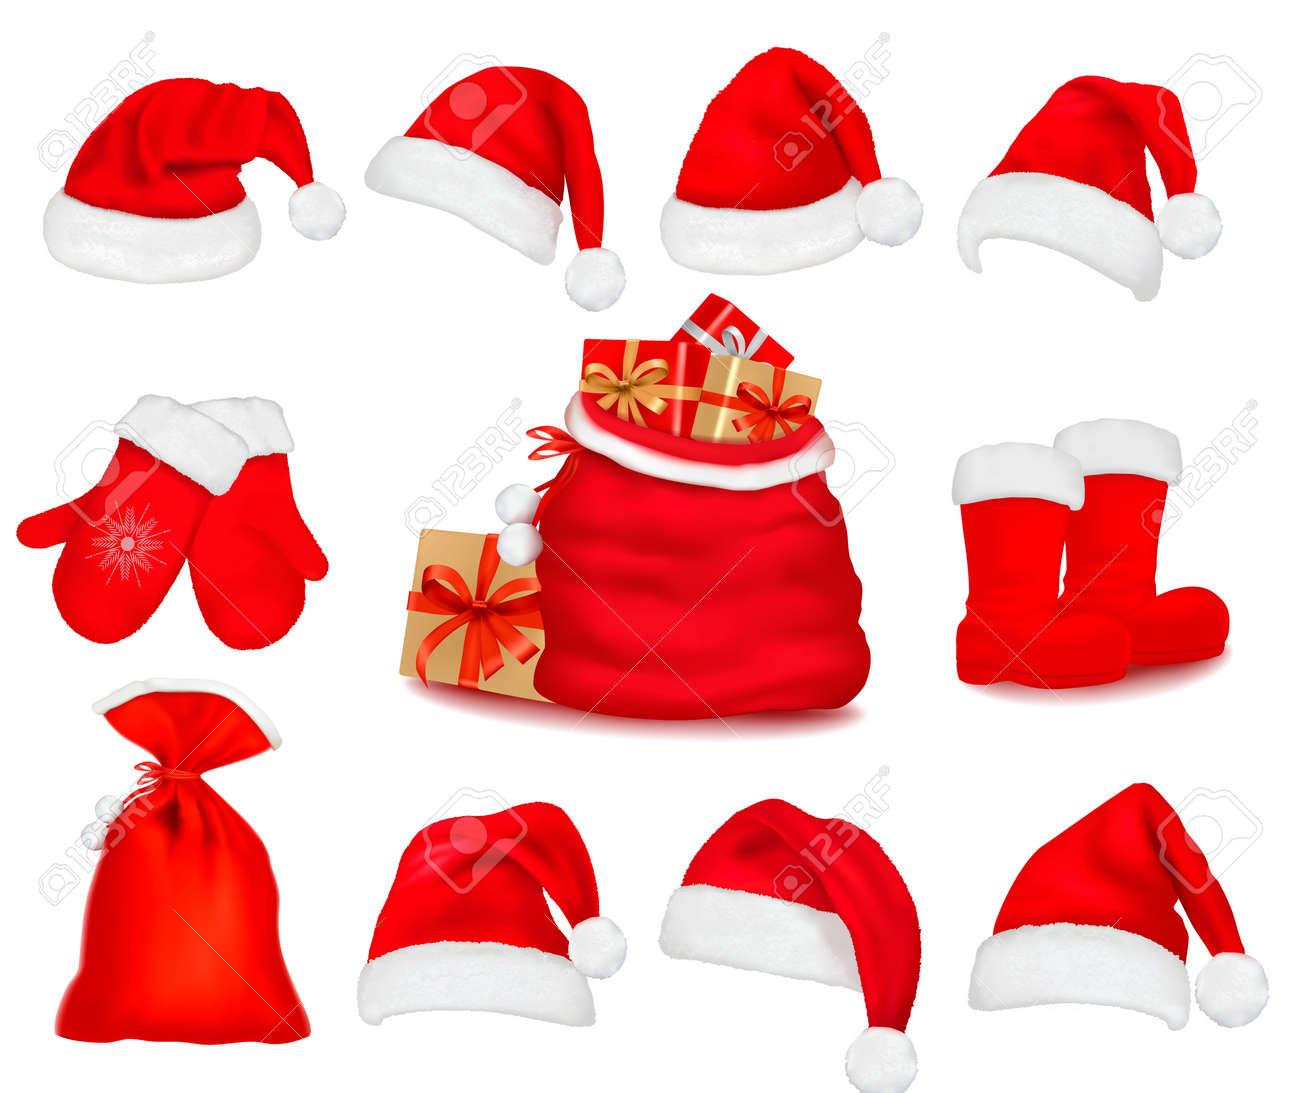 サンタの赤い帽子や服やギフト袋の大きなセット。ベクトル イラスト